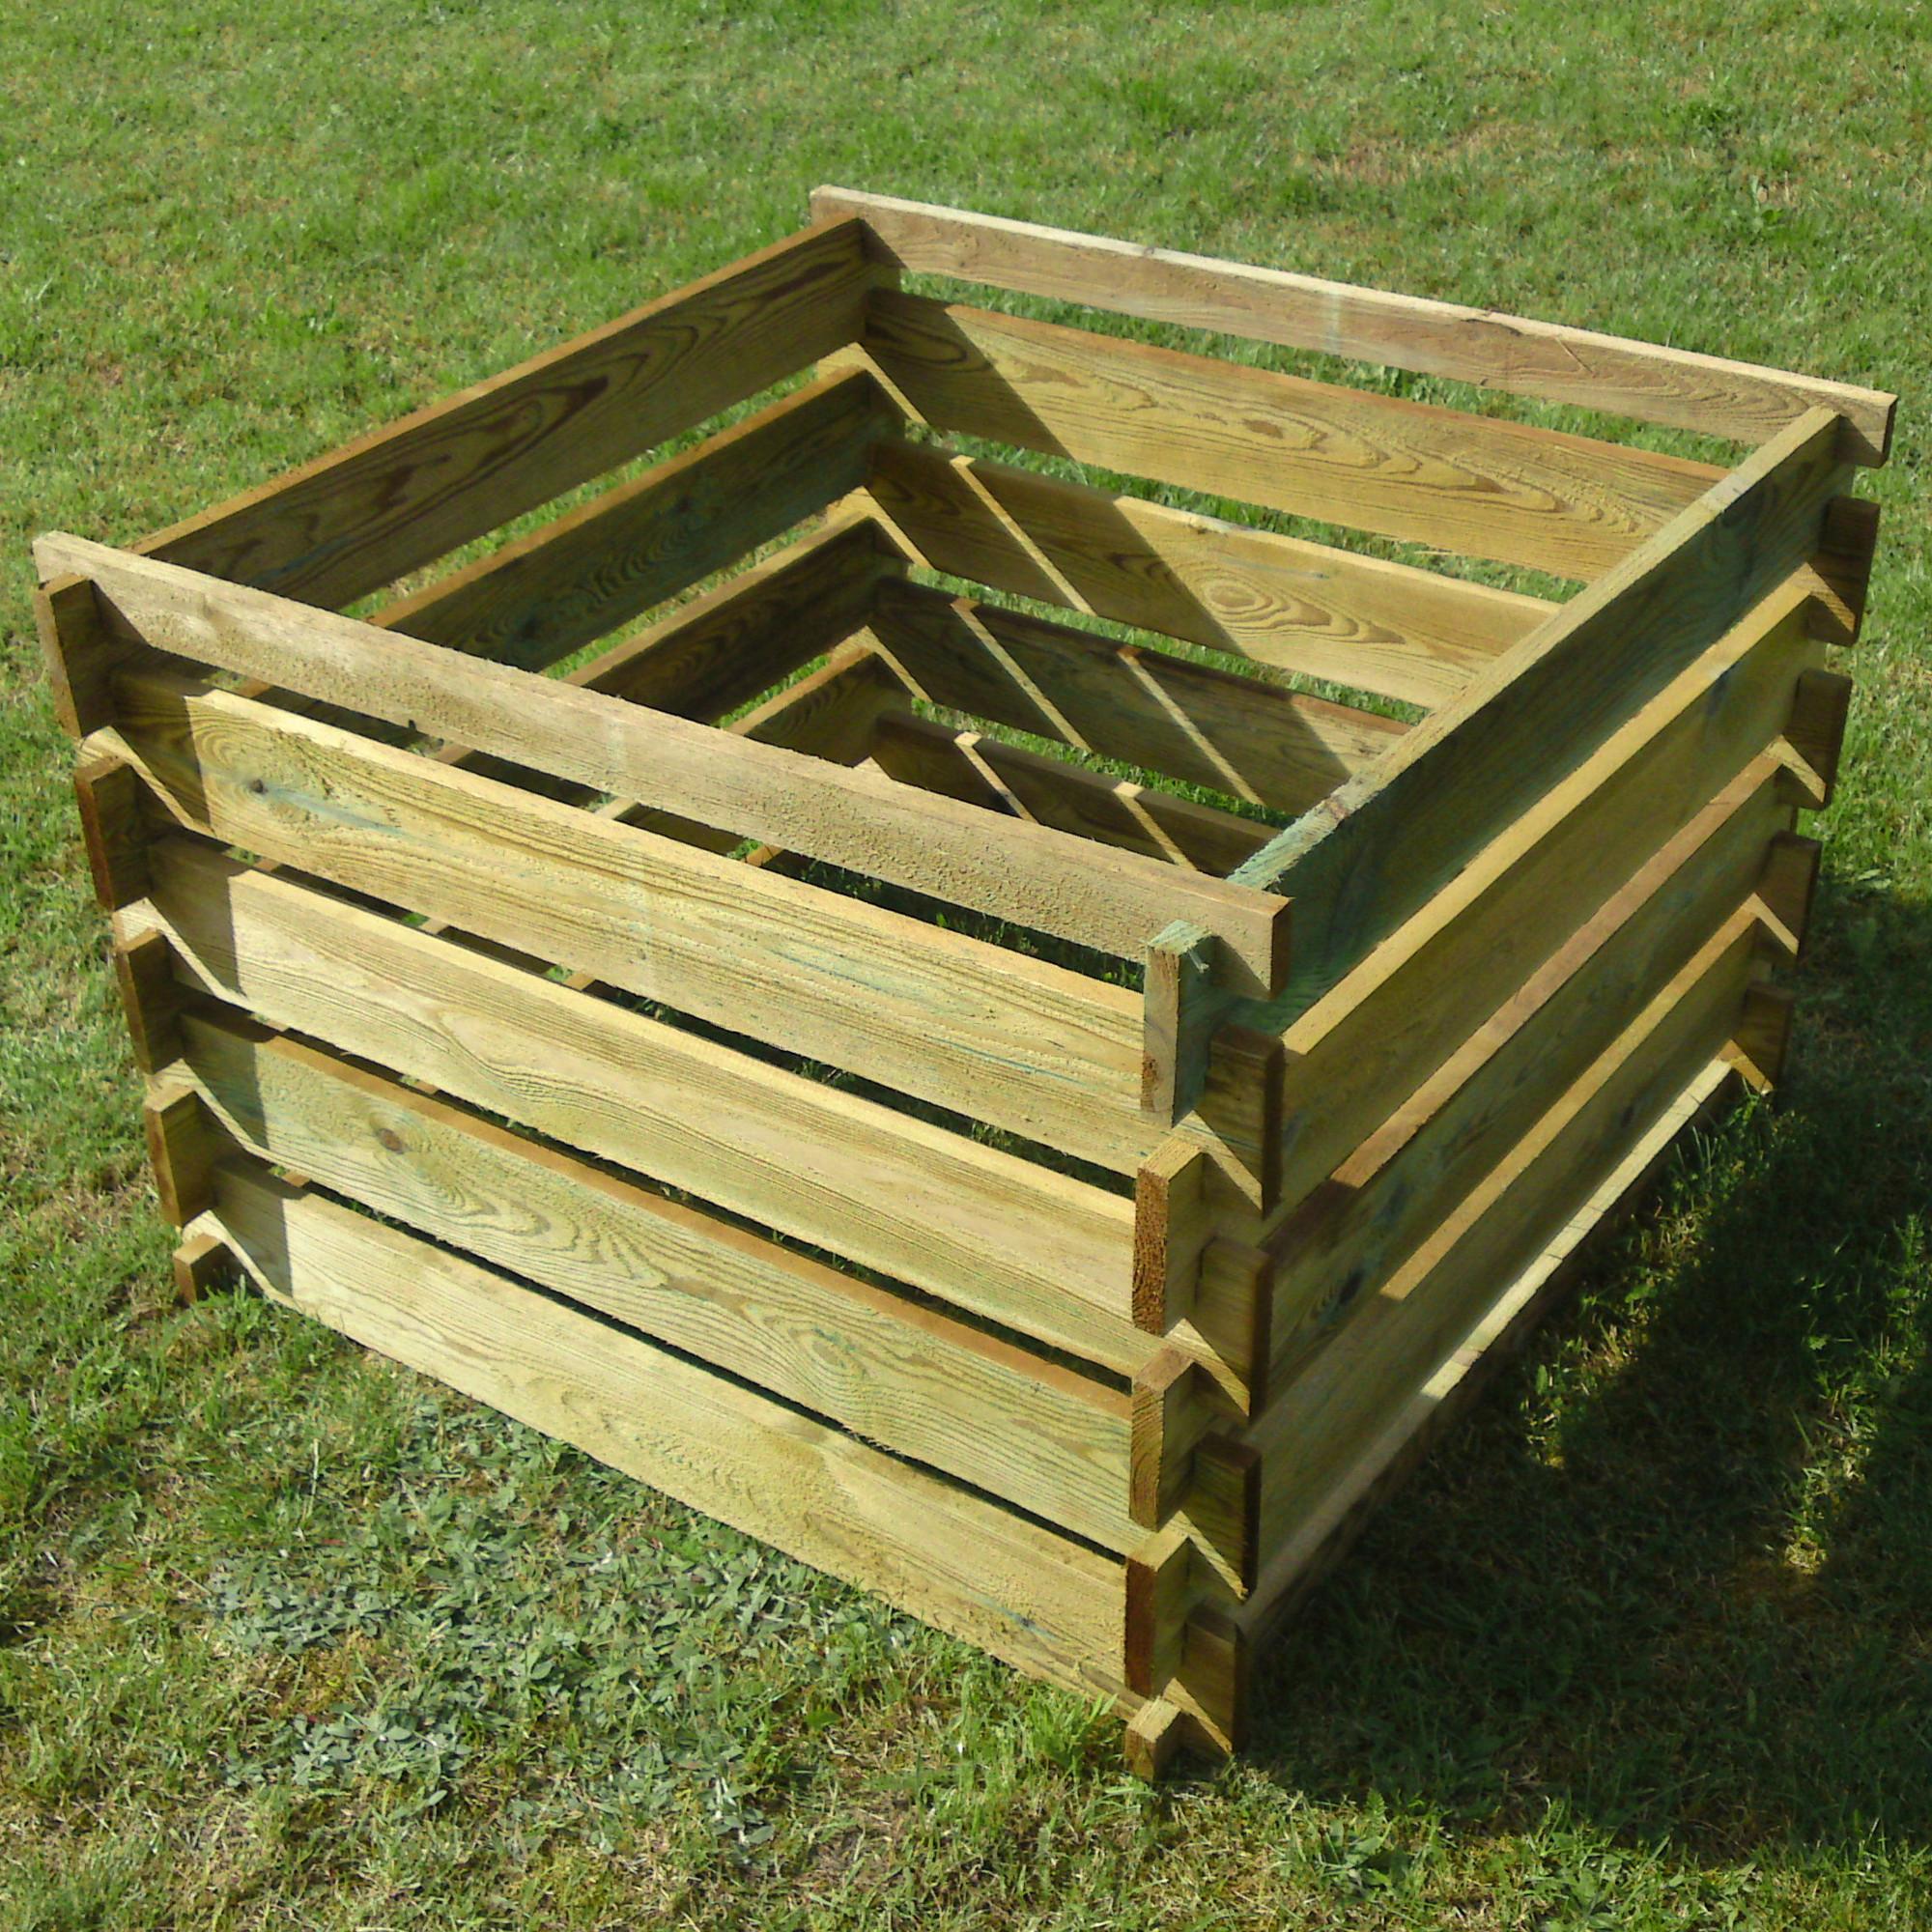 Apollo Wooden Garden Composter 163 29 99 Garden4less Uk Shop